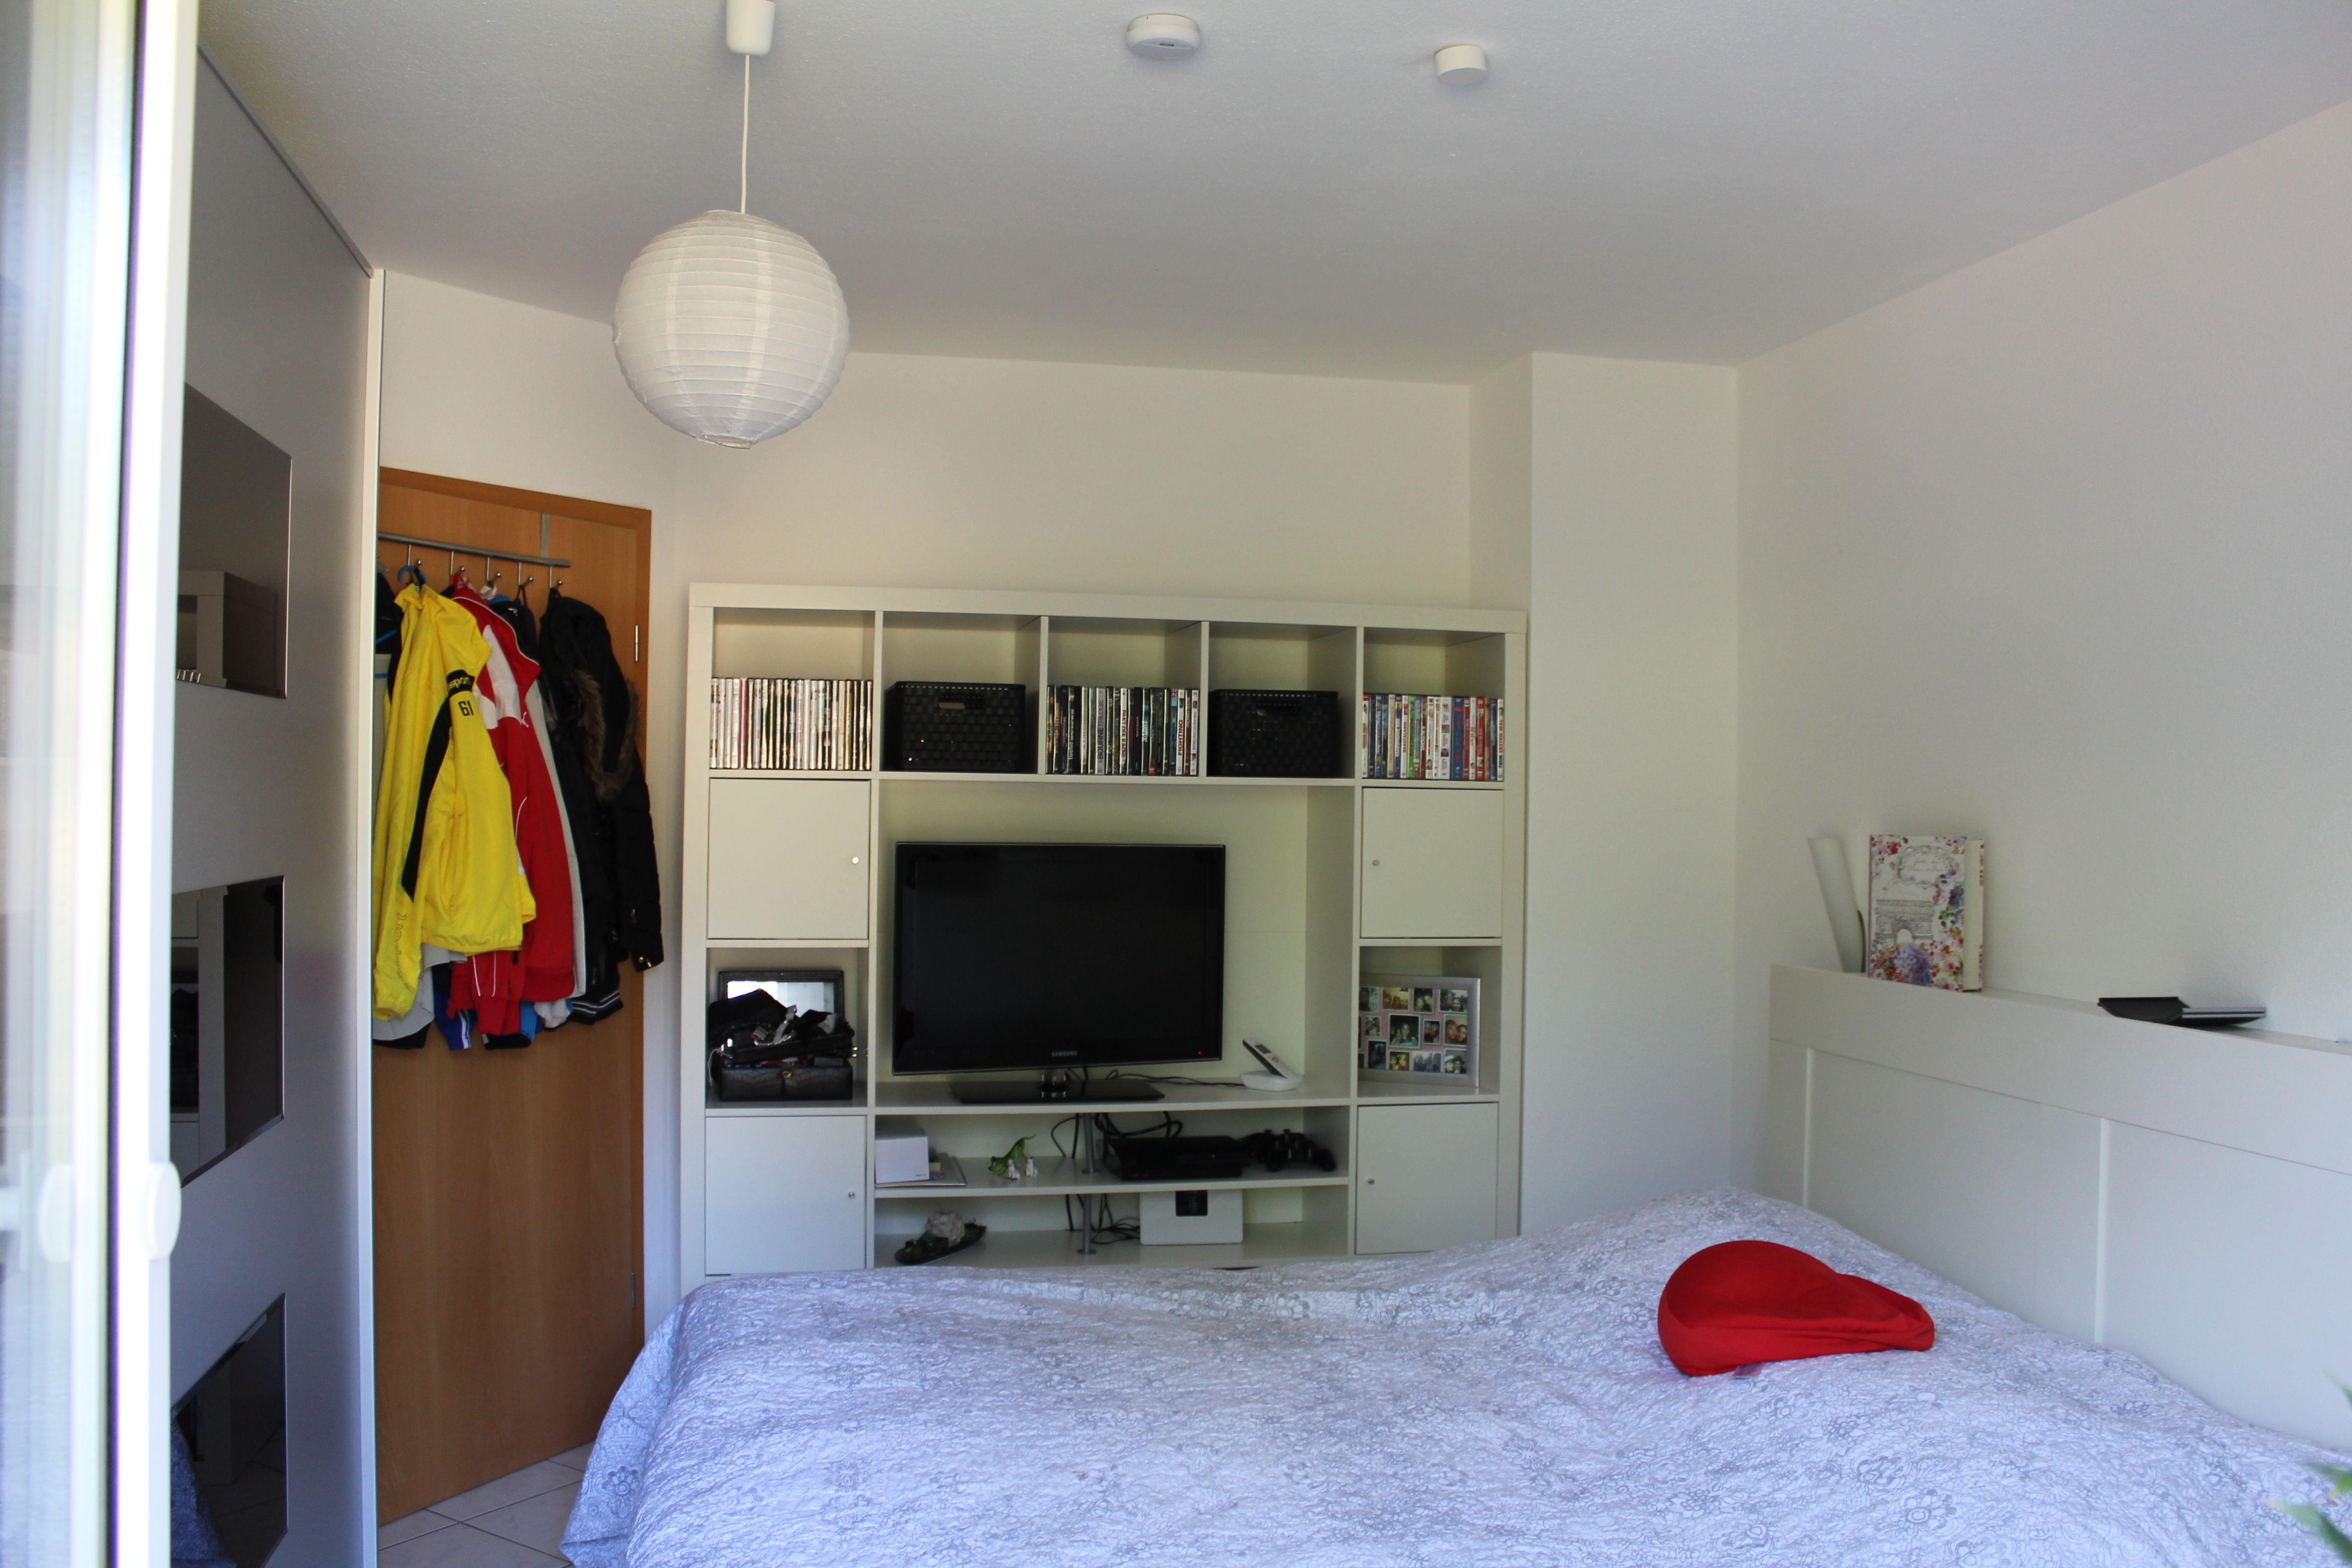 Neuwertige Wohnung in Malsch Schlafzimmer Wohnung, 2